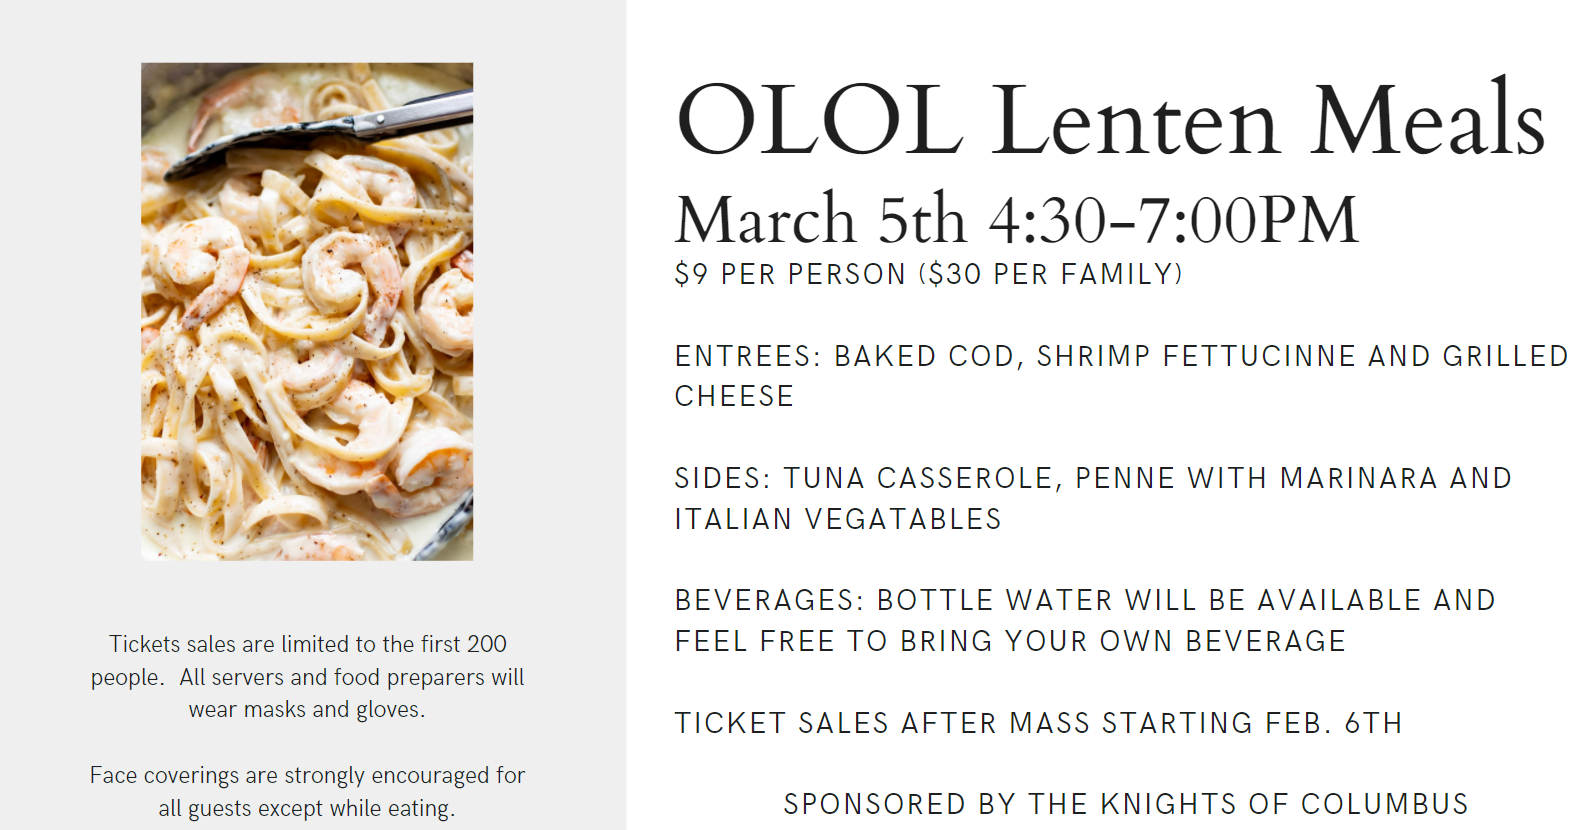 OLOL Lenten Meal Tickets On-Sale Now